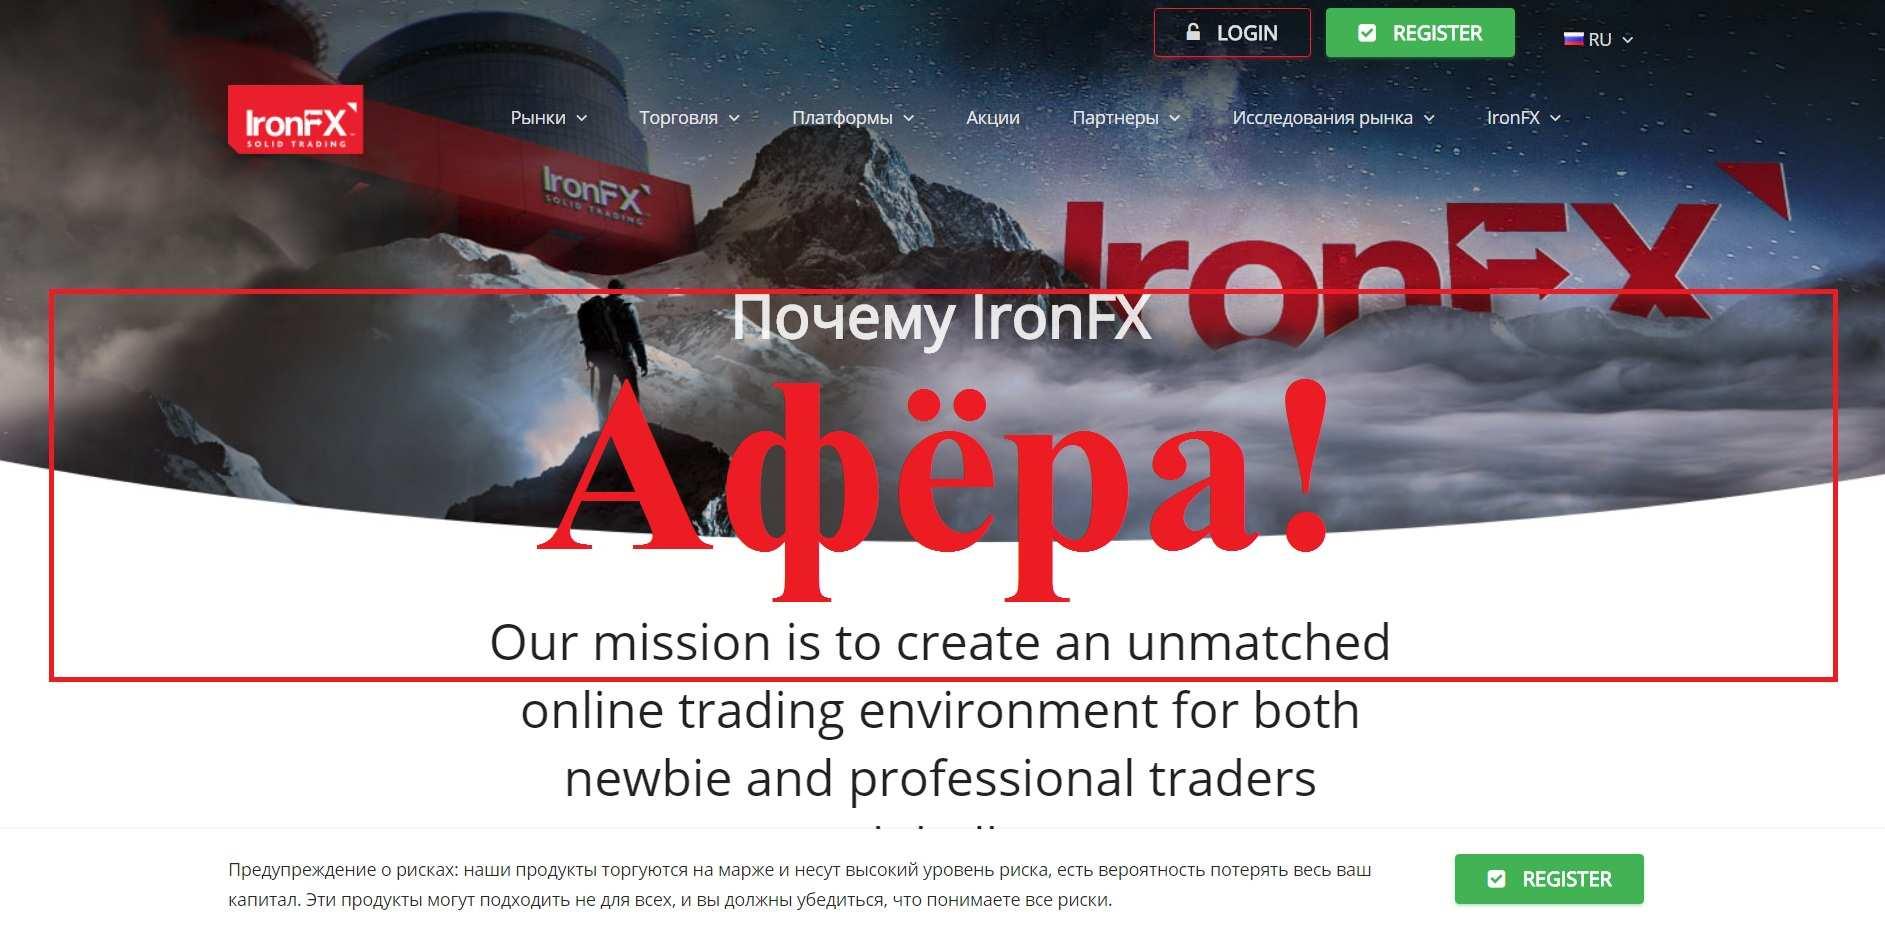 IronFX – отзывы о брокере ironfx.com